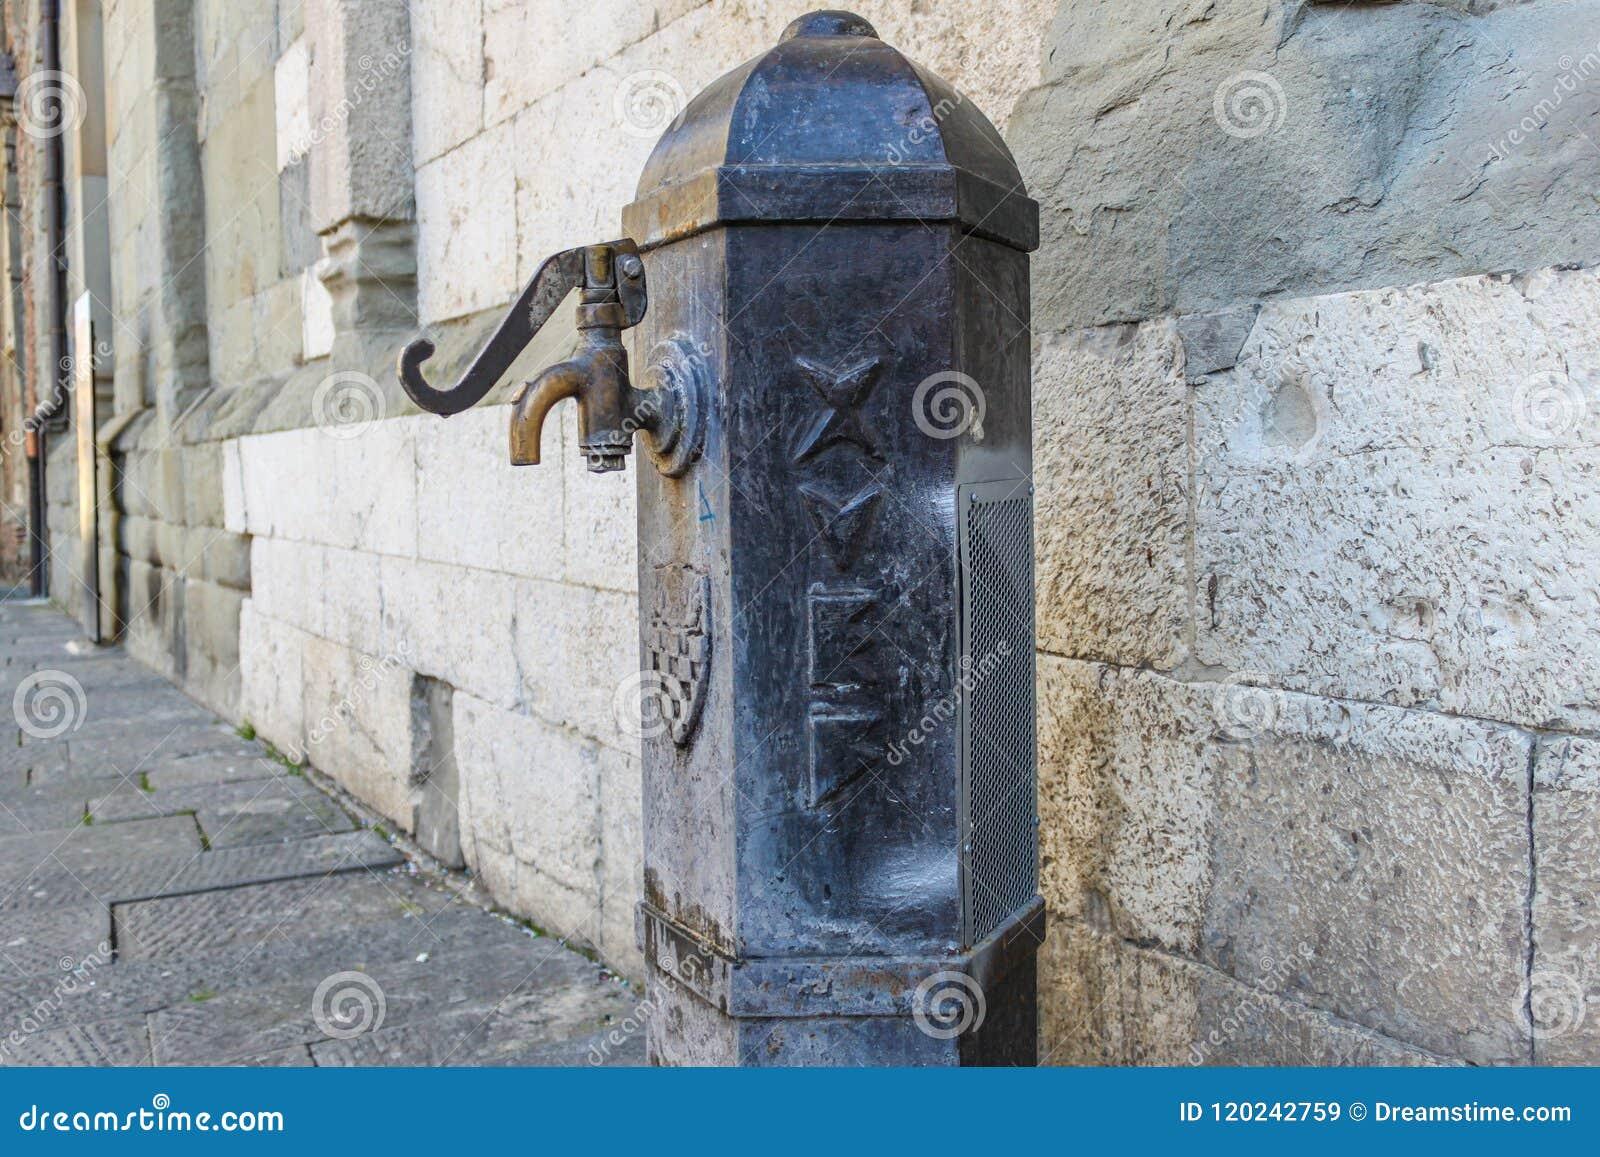 Alter Trinkwasserbrunnen